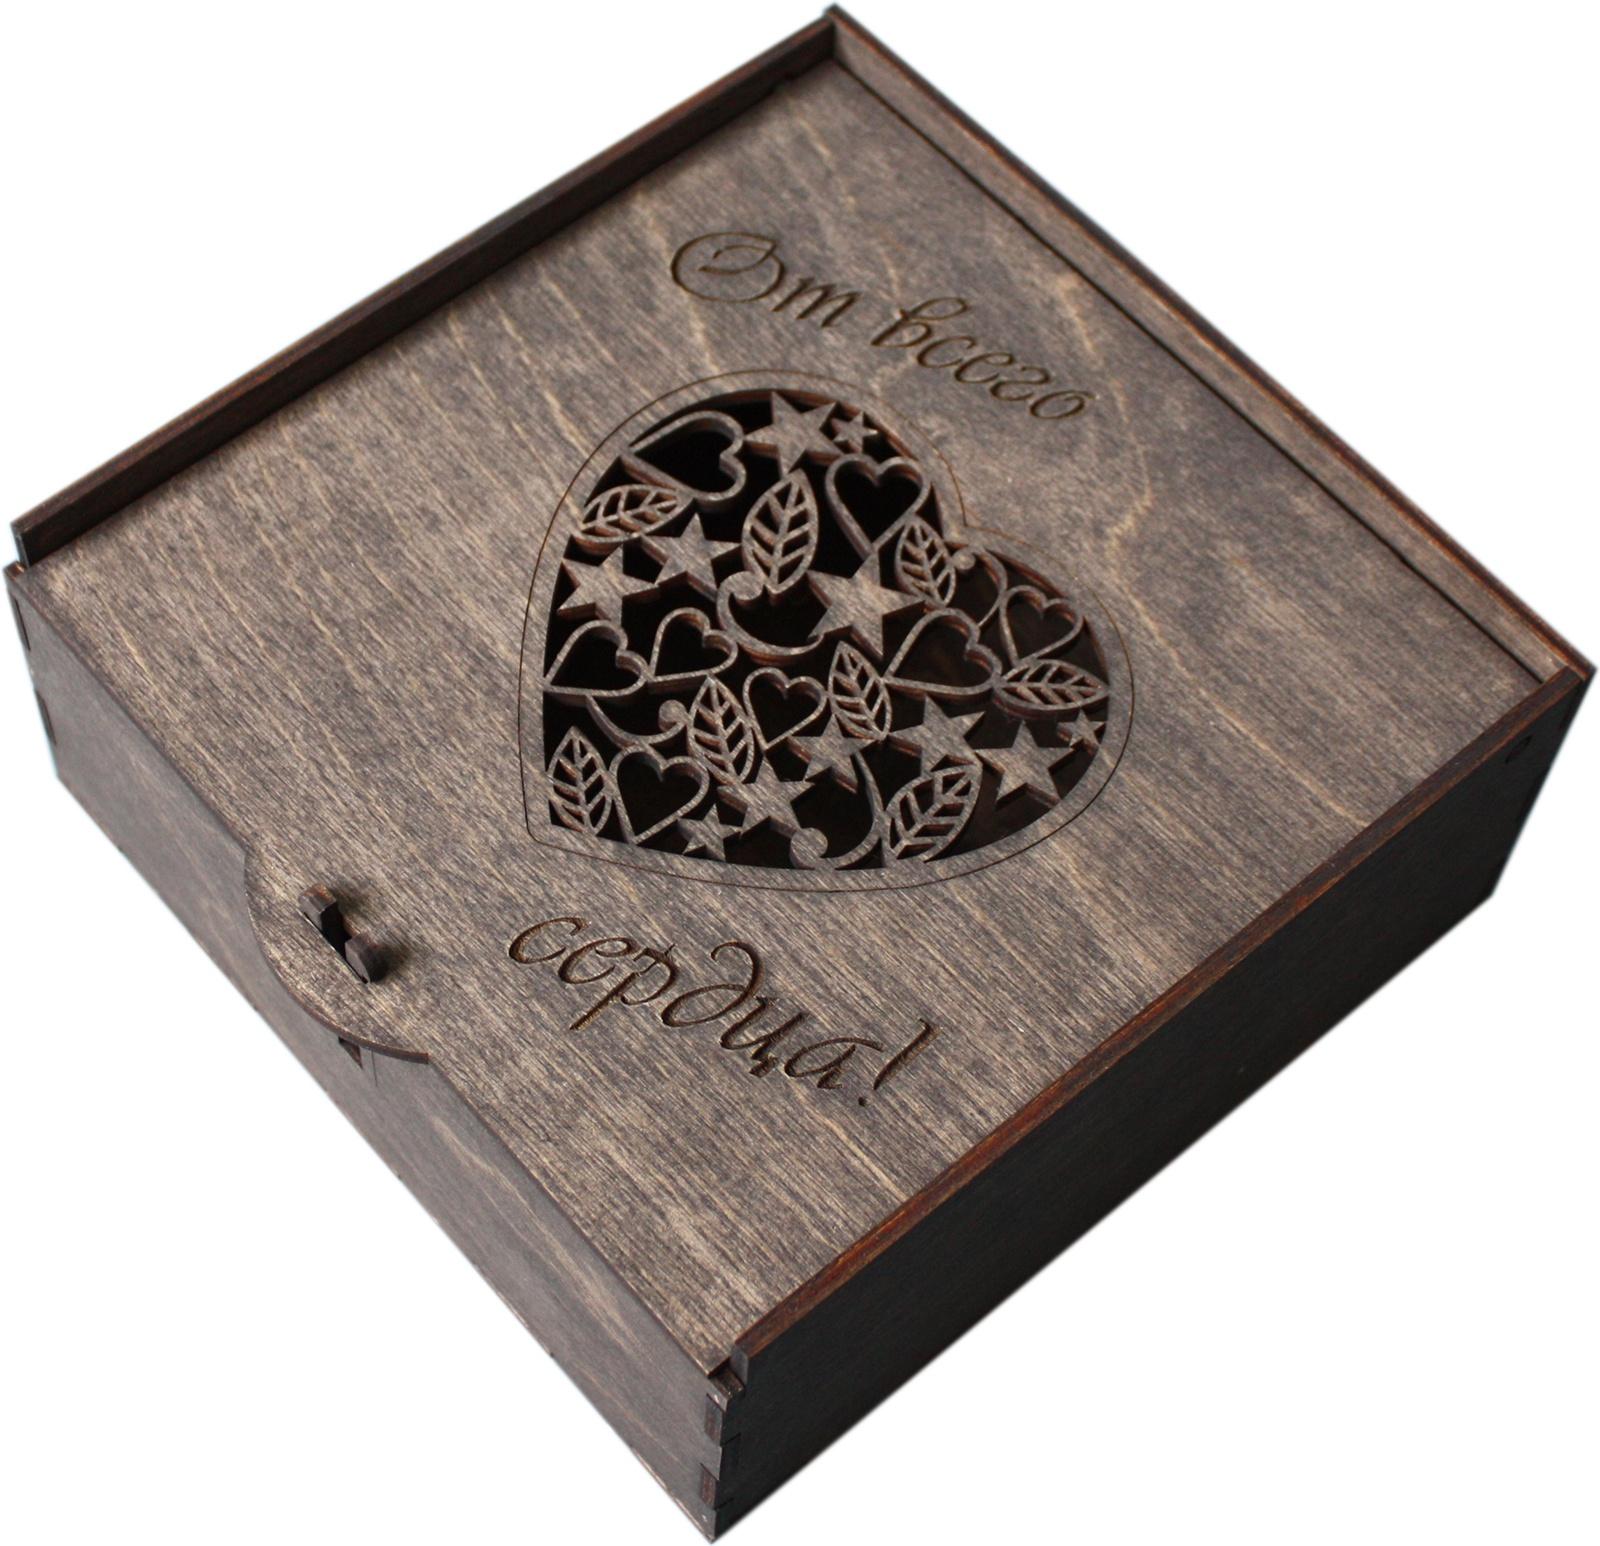 процесс готовки подарочные коробки из дерева в картинках обратитесь услугам